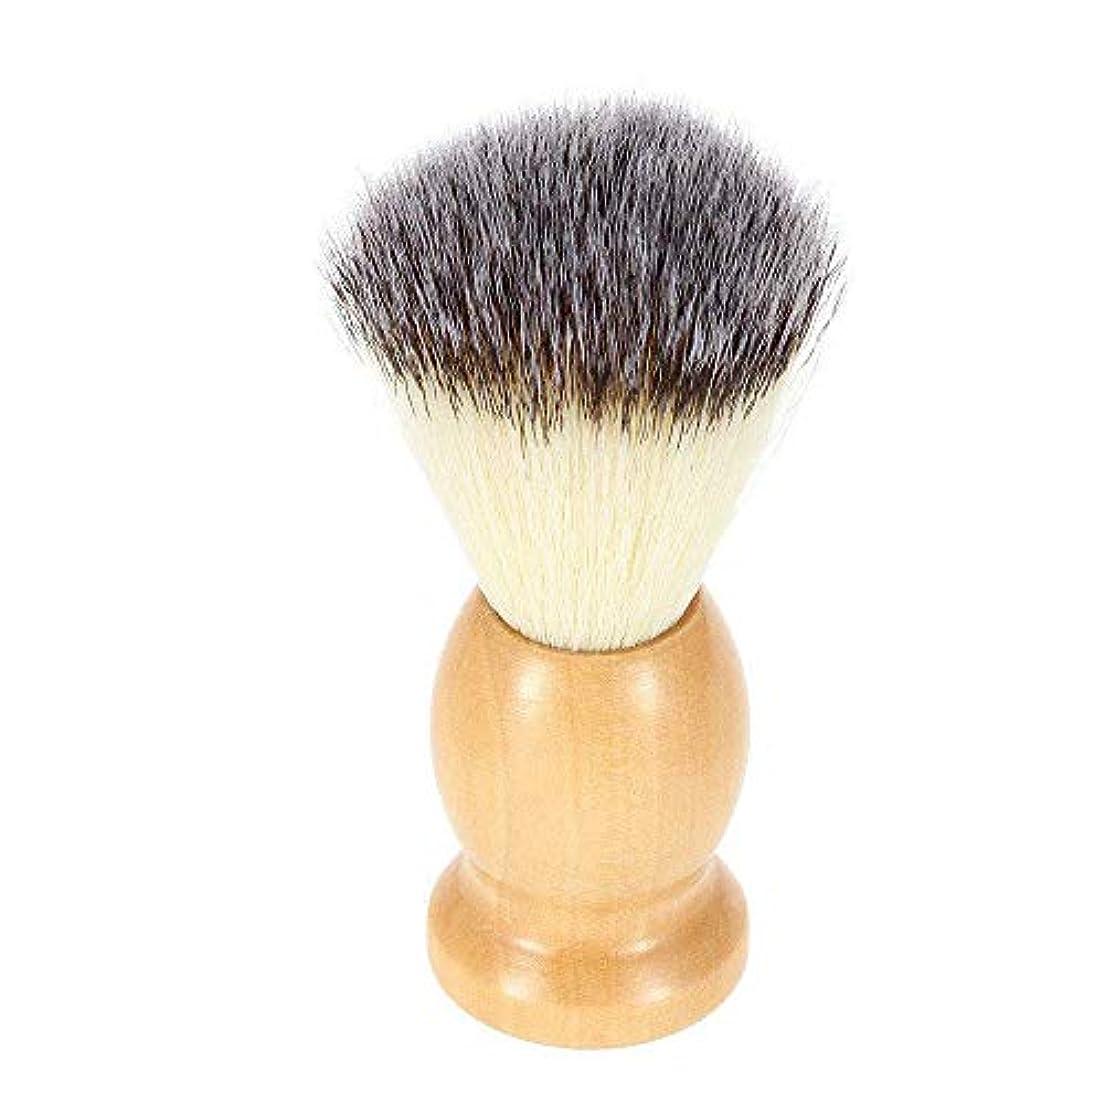 格納部人質1 ナイロンひげブラシ ハンドルシェービングブラシ 泡立ち 理容 洗顔 髭剃り ご主人メンズ用ブラシ 木製ひげブラシ